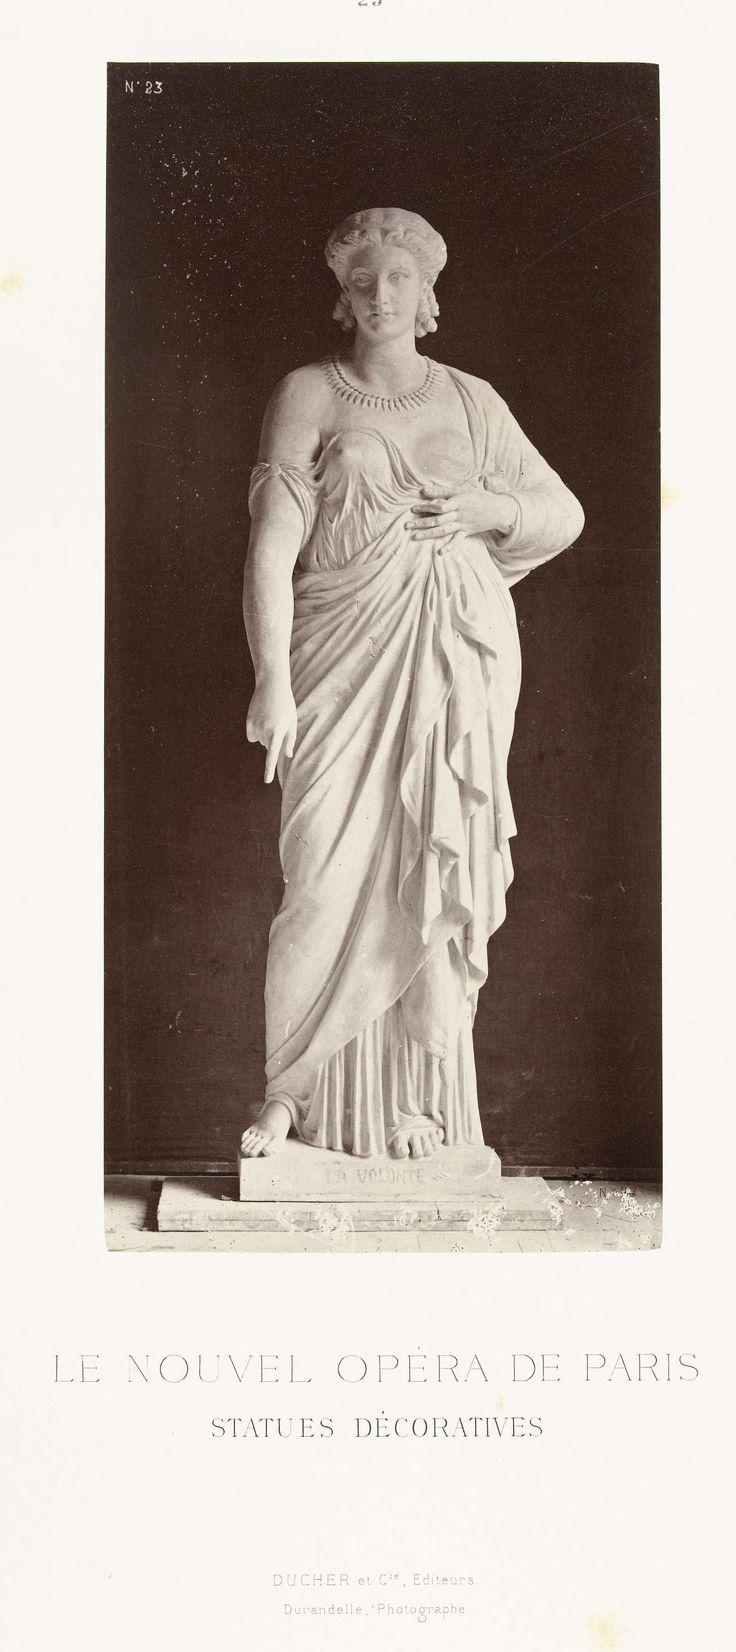 Louis-Emile Durandelle | Marmeren beeld van een vrouw in een gewaad met een ontblote borst, de wijsvinger aan haar rechterhand wijst naar beneden., Louis-Emile Durandelle, Ducher et Cie, c. 1878 - 1881 |